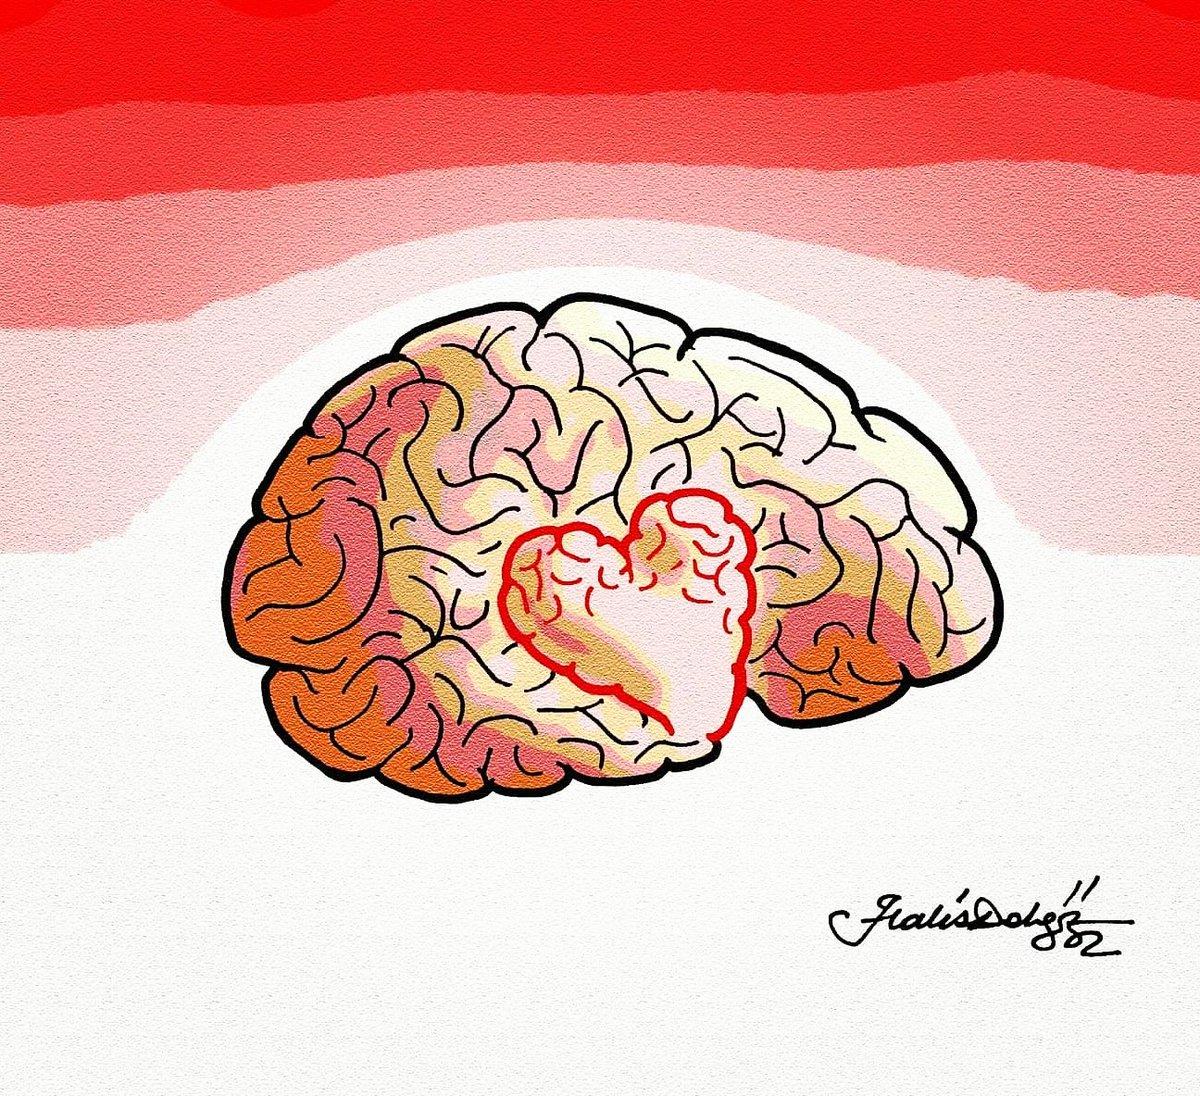 выедает мозг картинки только